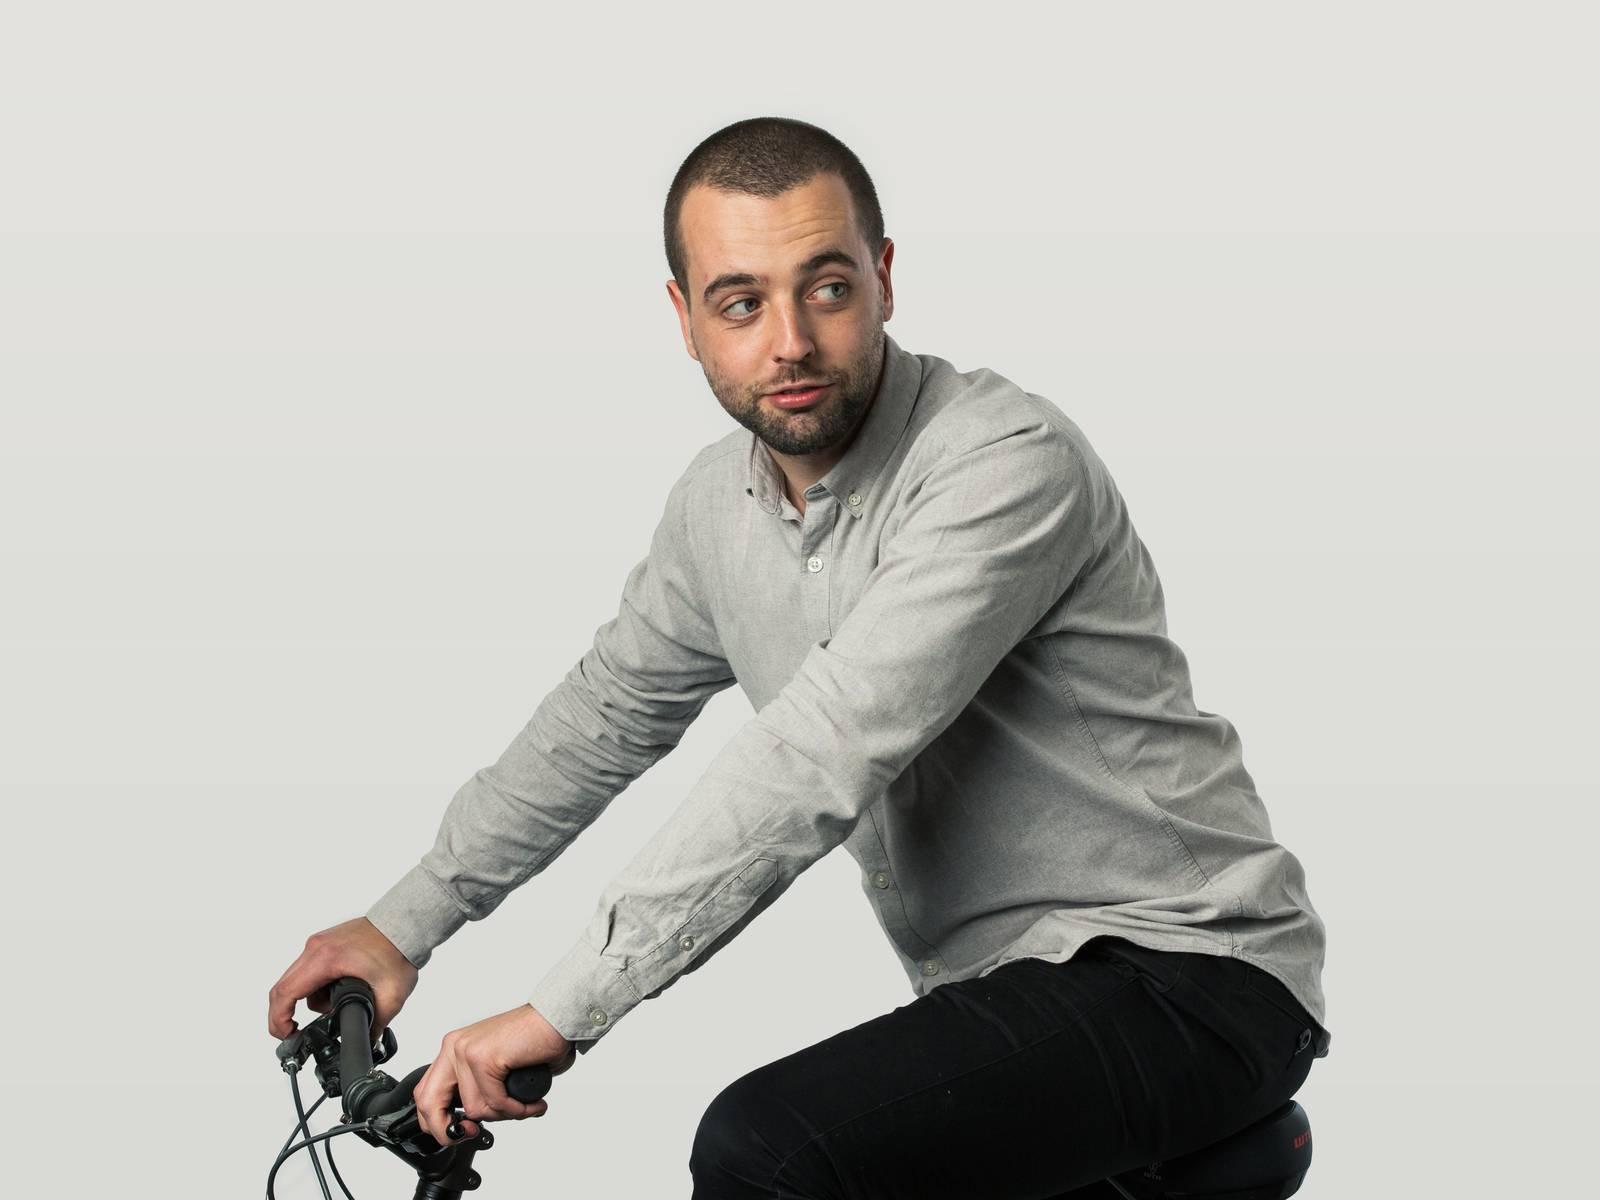 Stuart riding his bike